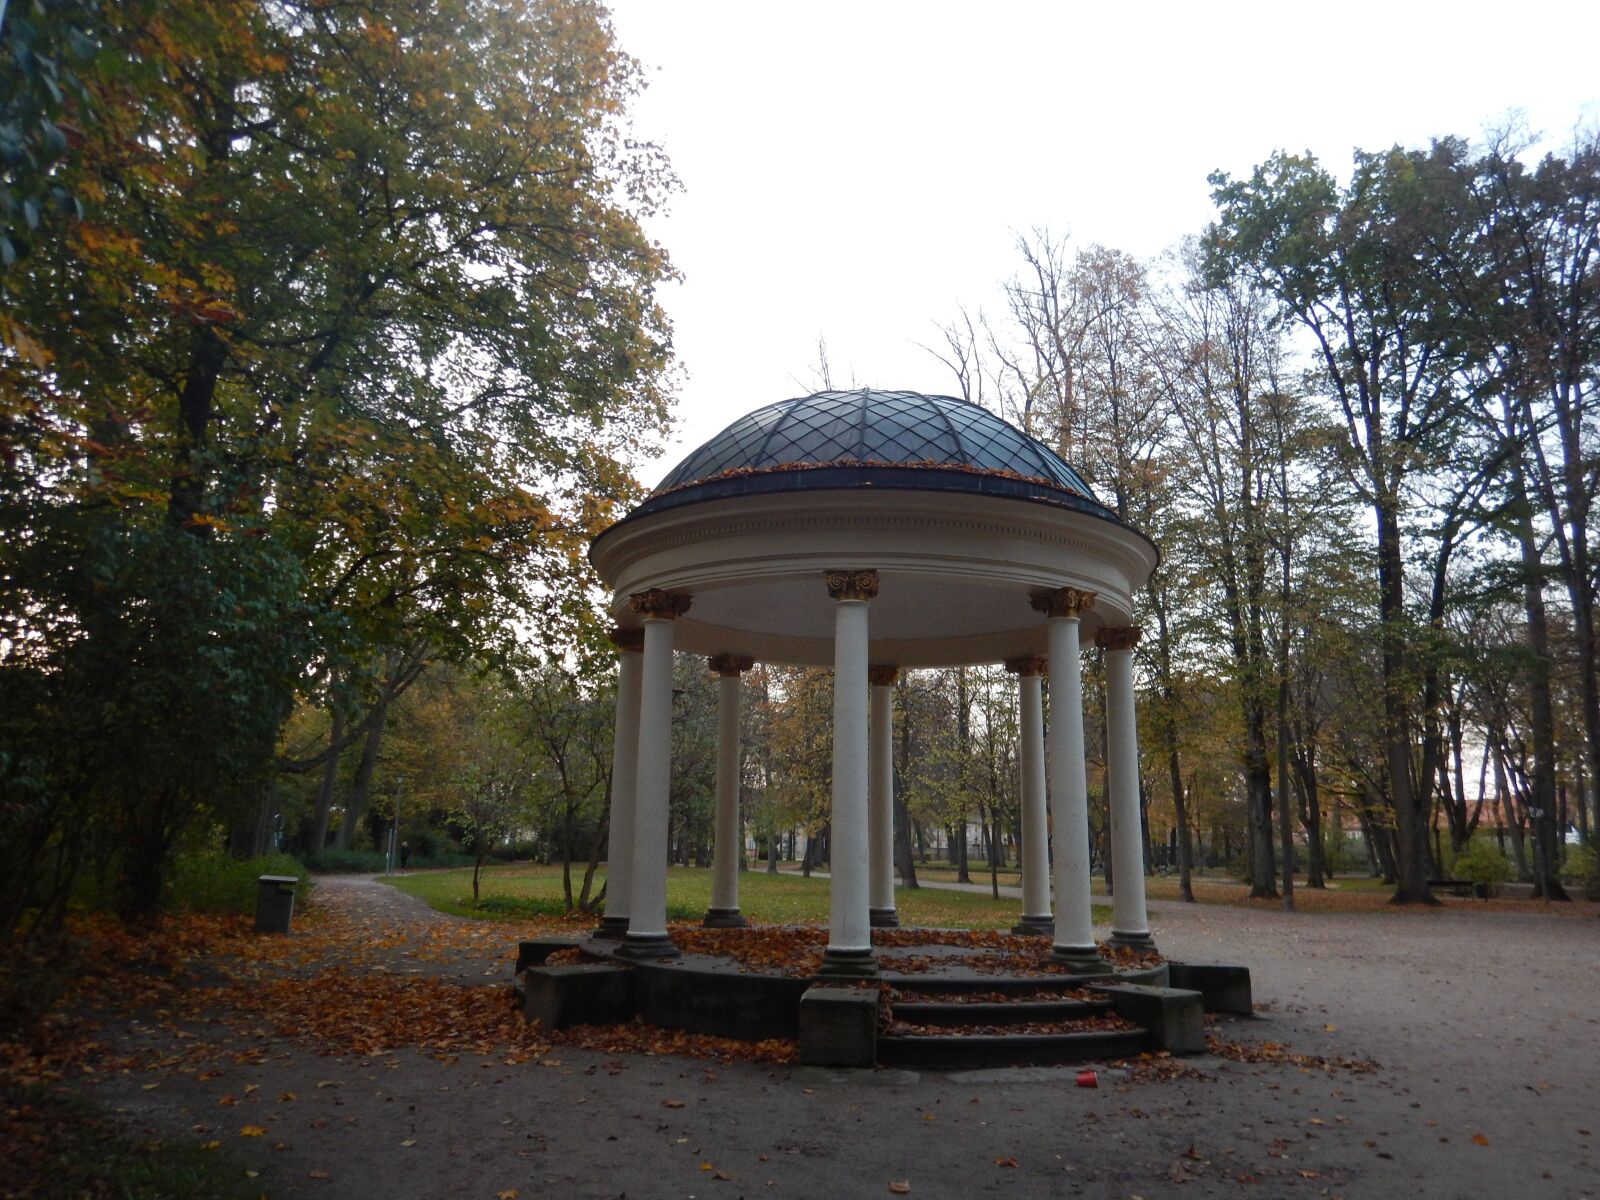 """Nikon Coolpix AW120 sample photo. """"Gazebo, autumn, park"""" photography"""